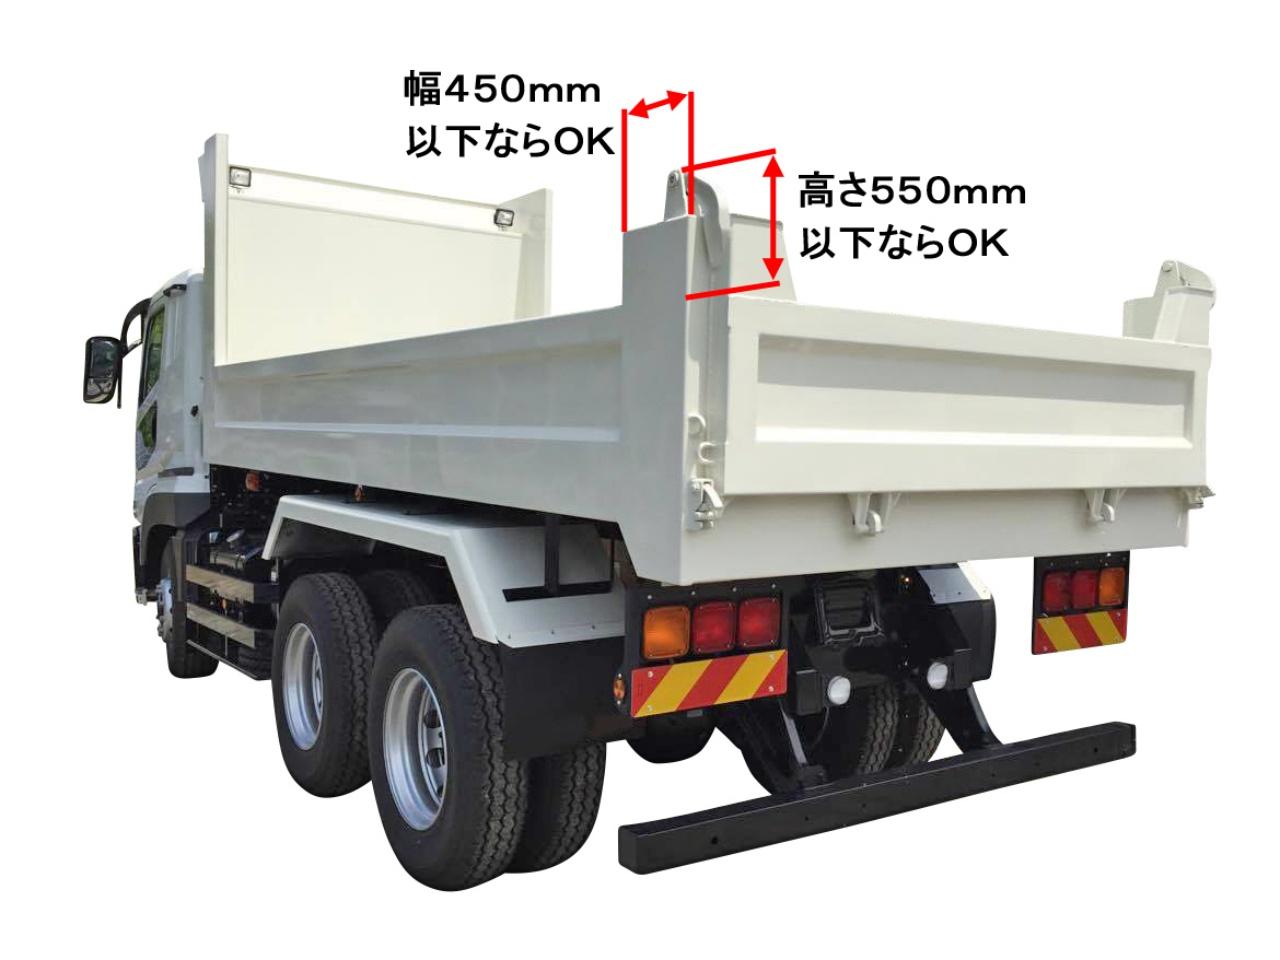 テールゲートヒンジはアオリ上部より高さ550mm以下、幅450mm以下まで取付可能